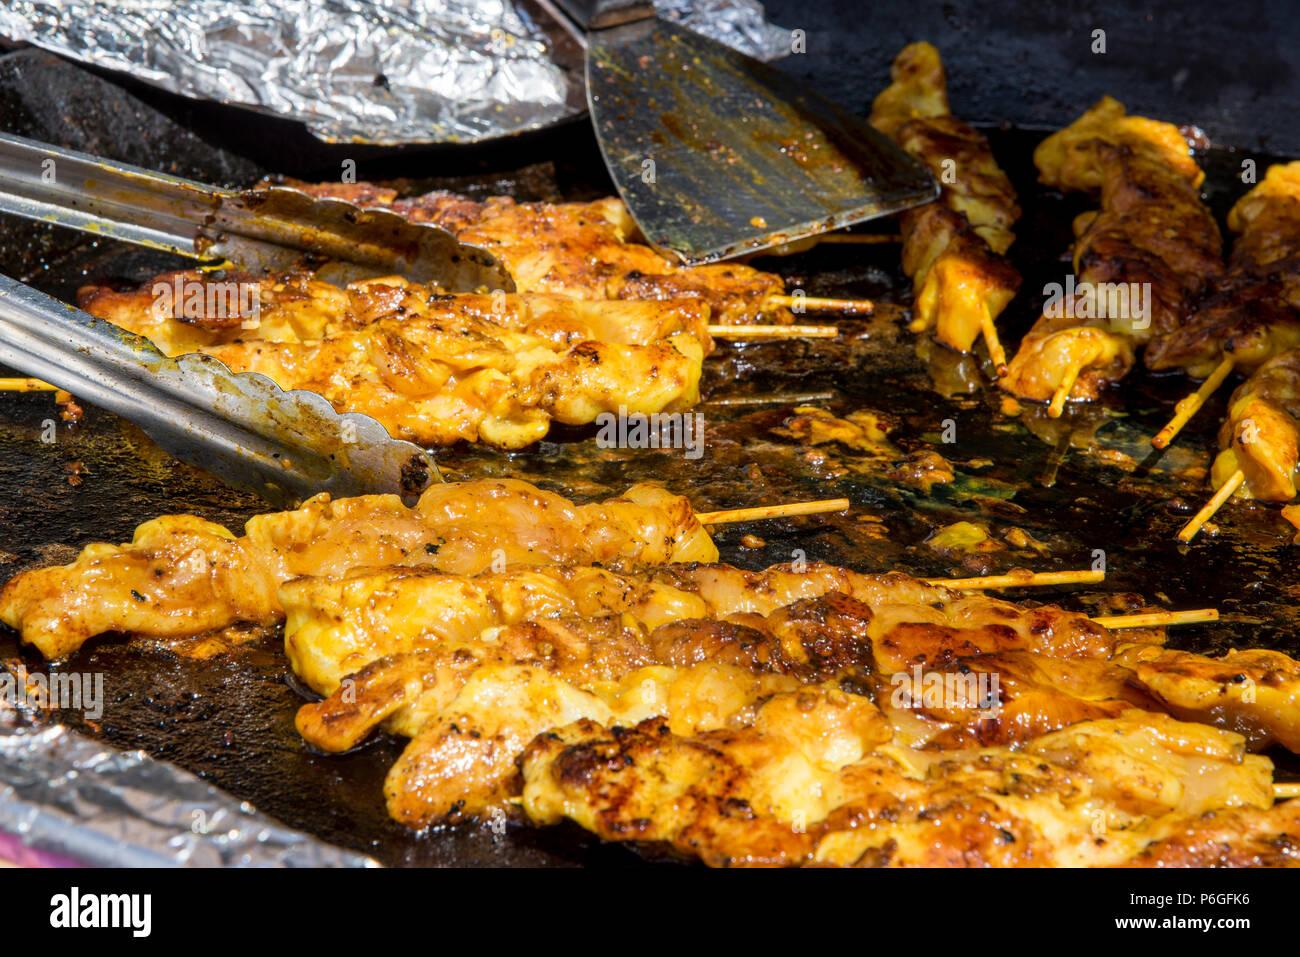 Sticky Asian spiedini di pollo - Food Street Market Reading, Regno Unito - Giugno, 2018 Immagini Stock